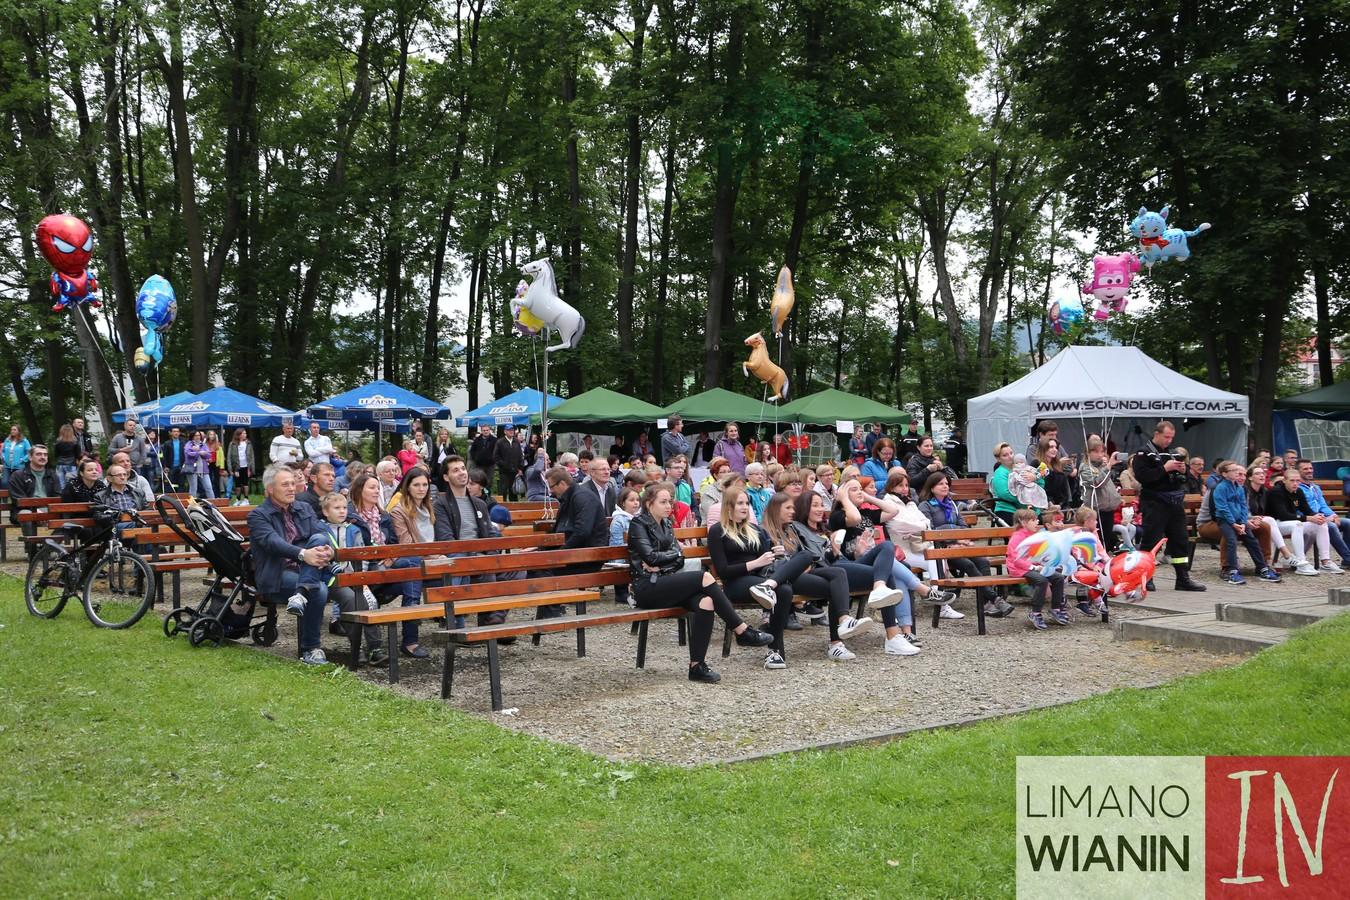 festiwal-beskidzkie-rytmy-i-smaki7.jpg